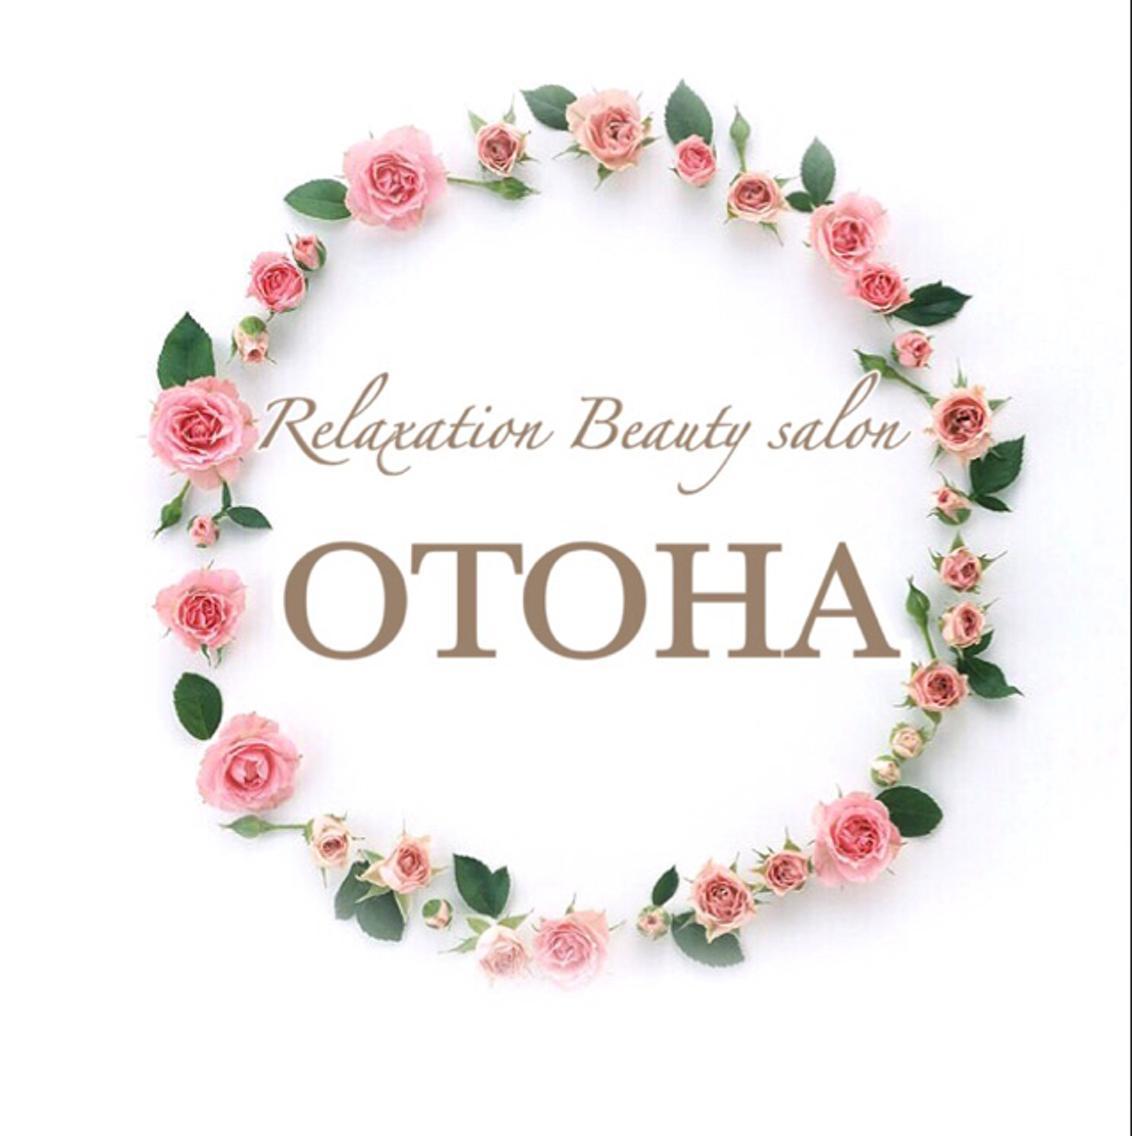 美と癒しのお店OTOHA所属・ふじもとみかの掲載